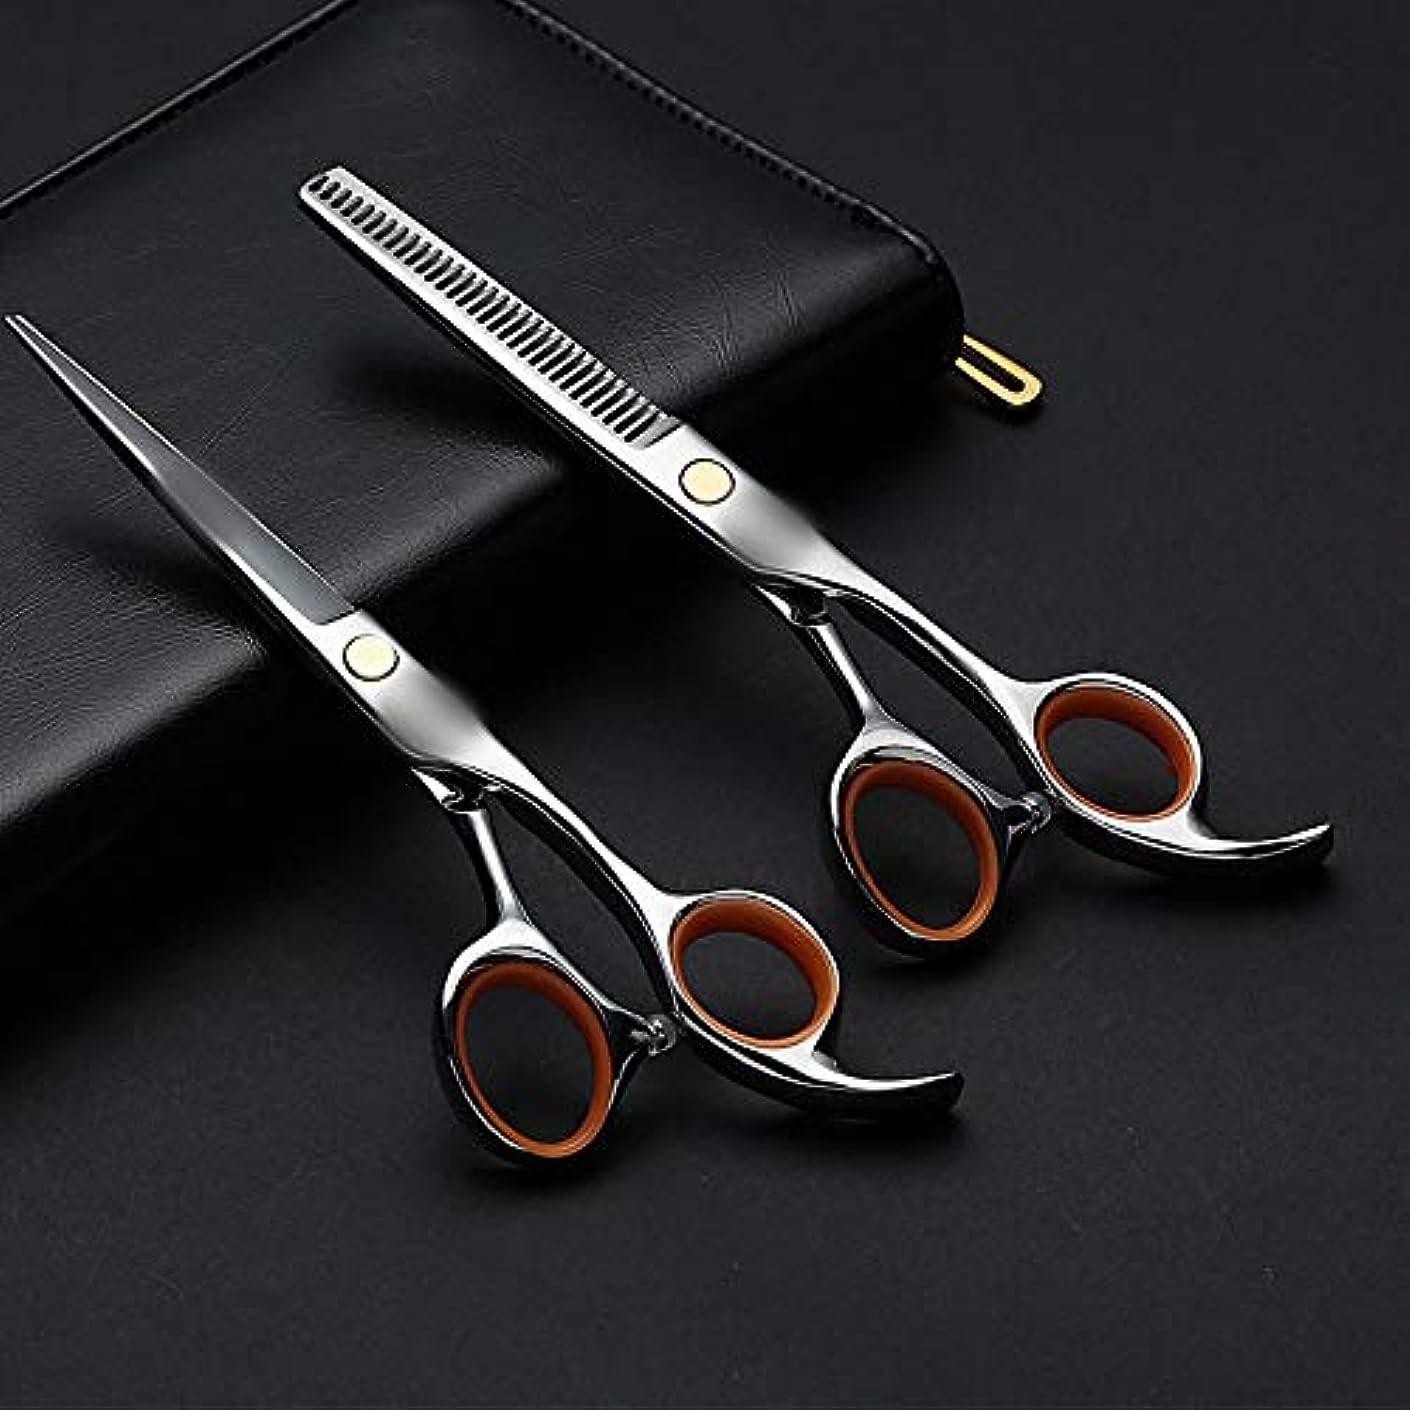 くちばしを除く活気づく6.0インチの専門の理髪はさみ、平らなシザー+歯はさみ理髪セット モデリングツール (色 : Silver)